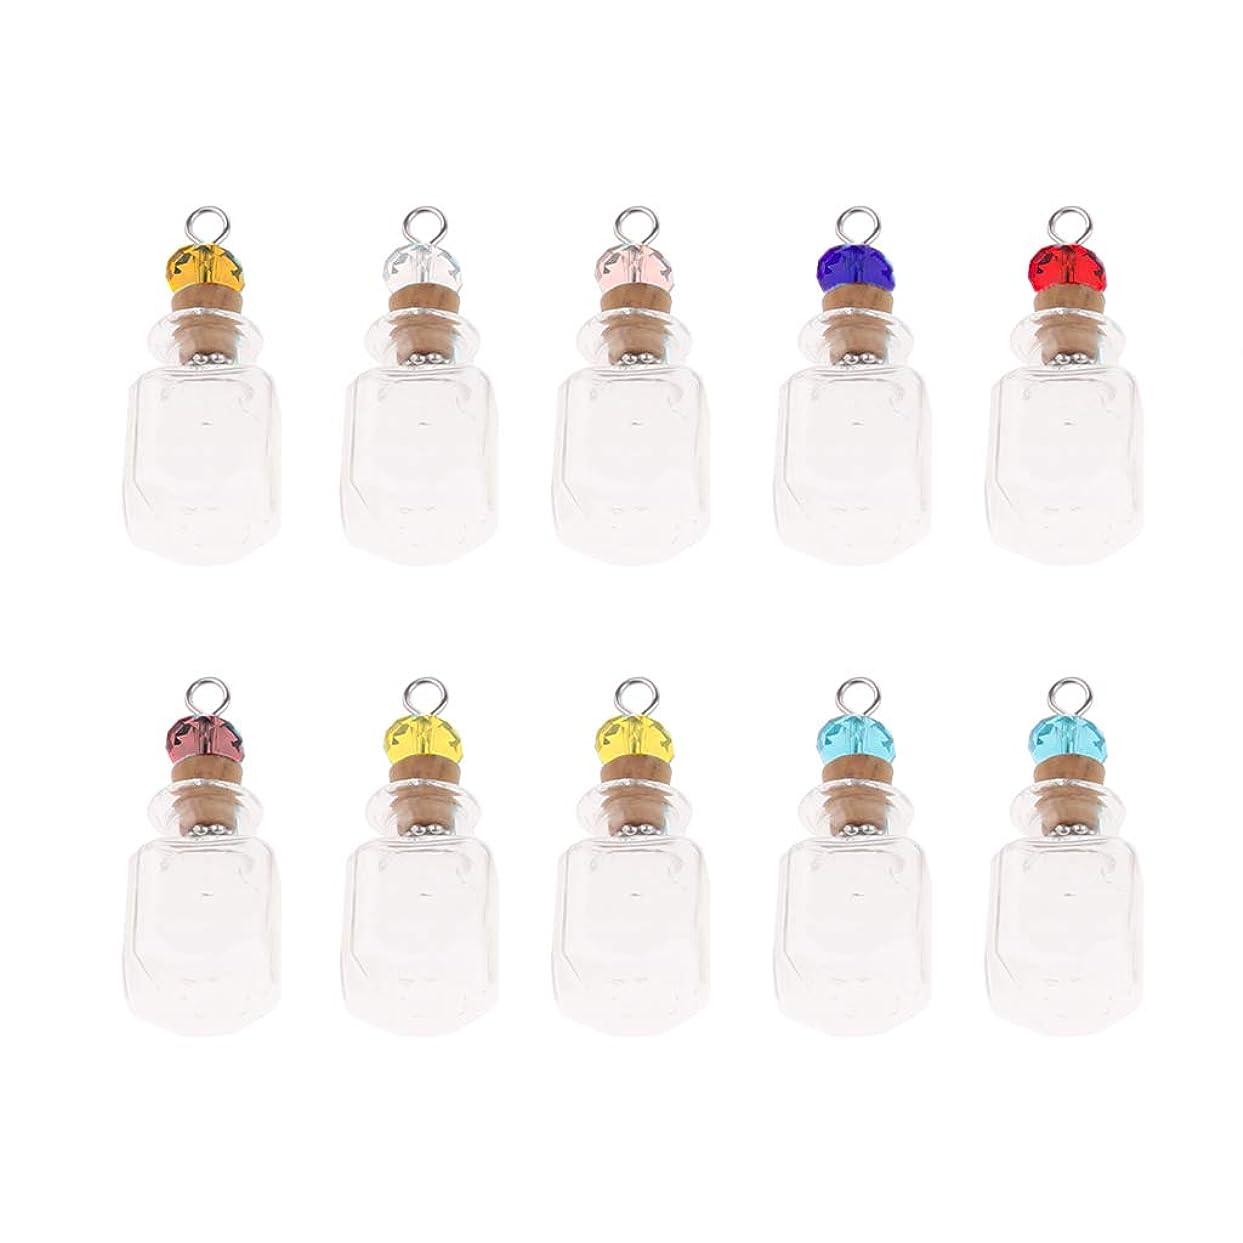 ニンニク起訴するフォルダP Prettyia 約10本入り ミニボトル 香水瓶 空の瓶 ガラスボトル コルク栓 メイク道具